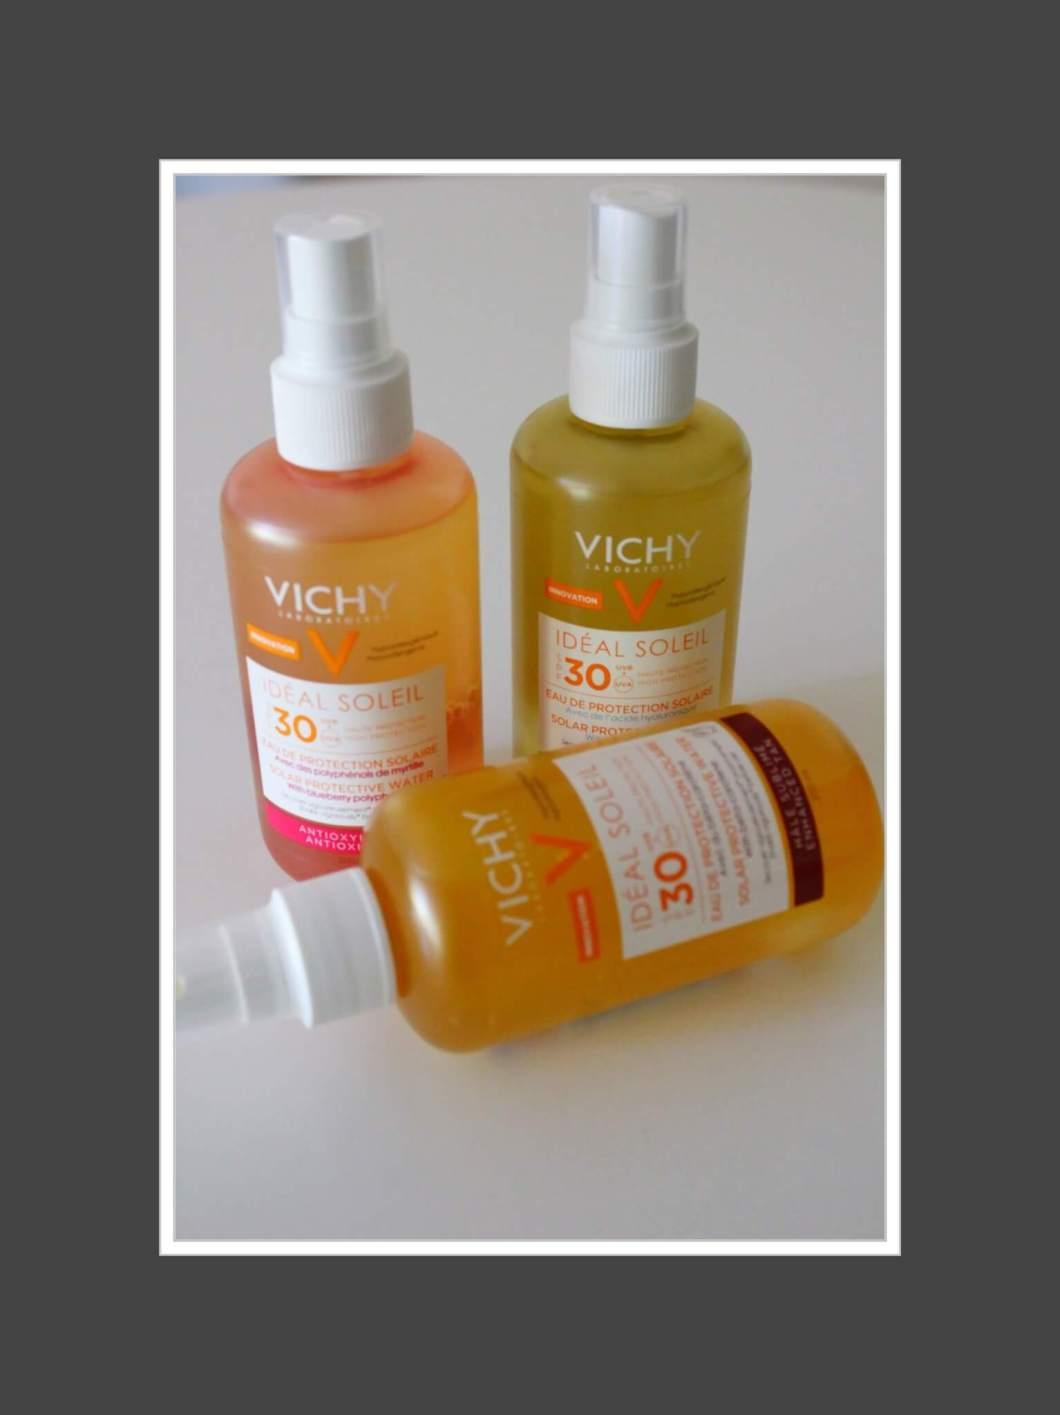 Vichy Ideal Soleil's Zonbeschermend water